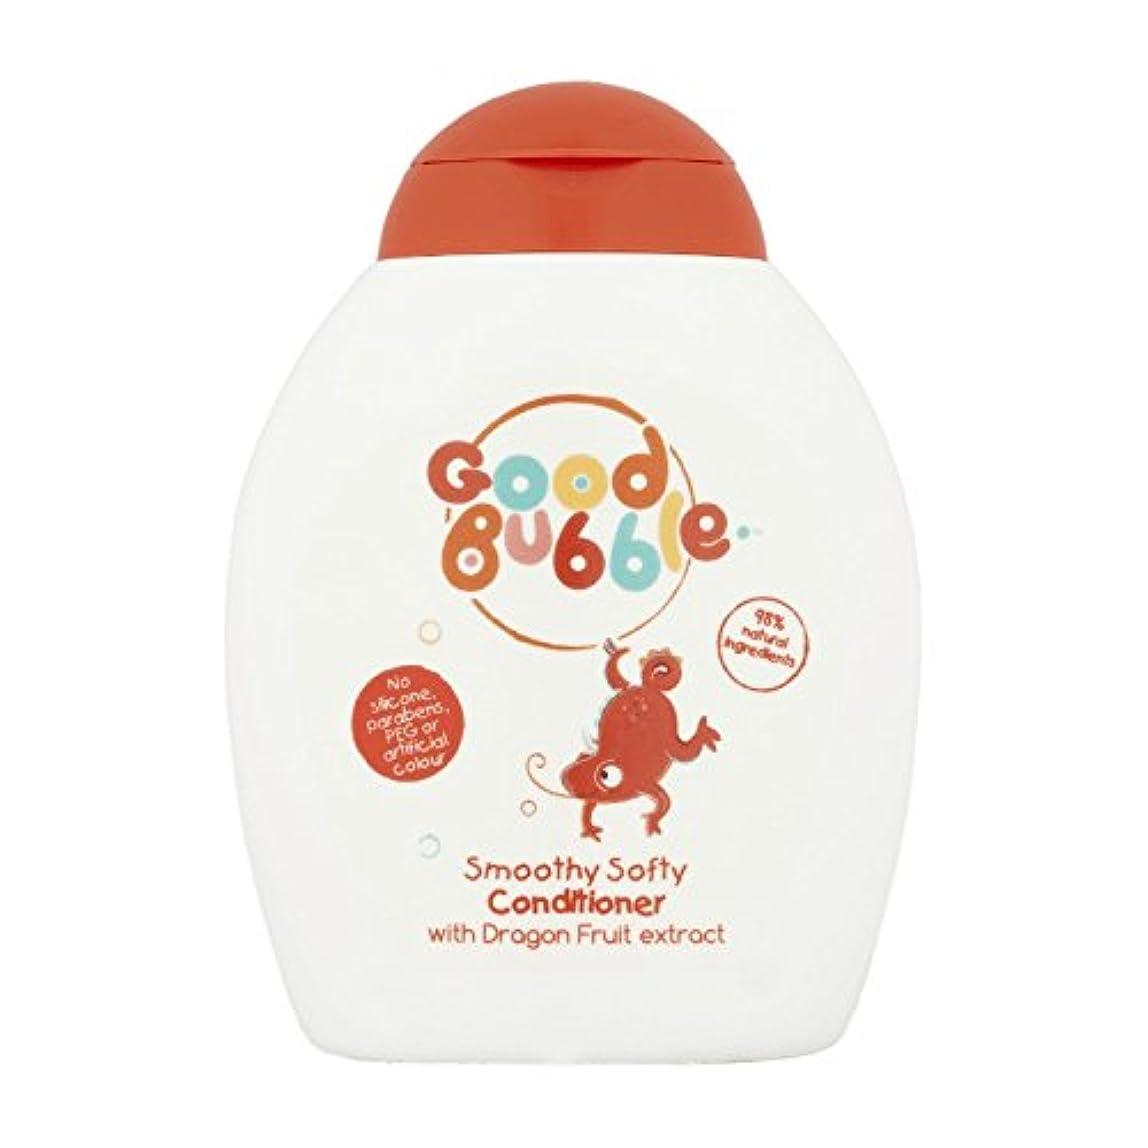 遮る植木ヒント良いバブルドラゴンフルーツコンディショナー250ミリリットル - Good Bubble Dragon Fruit Conditioner 250ml (Good Bubble) [並行輸入品]